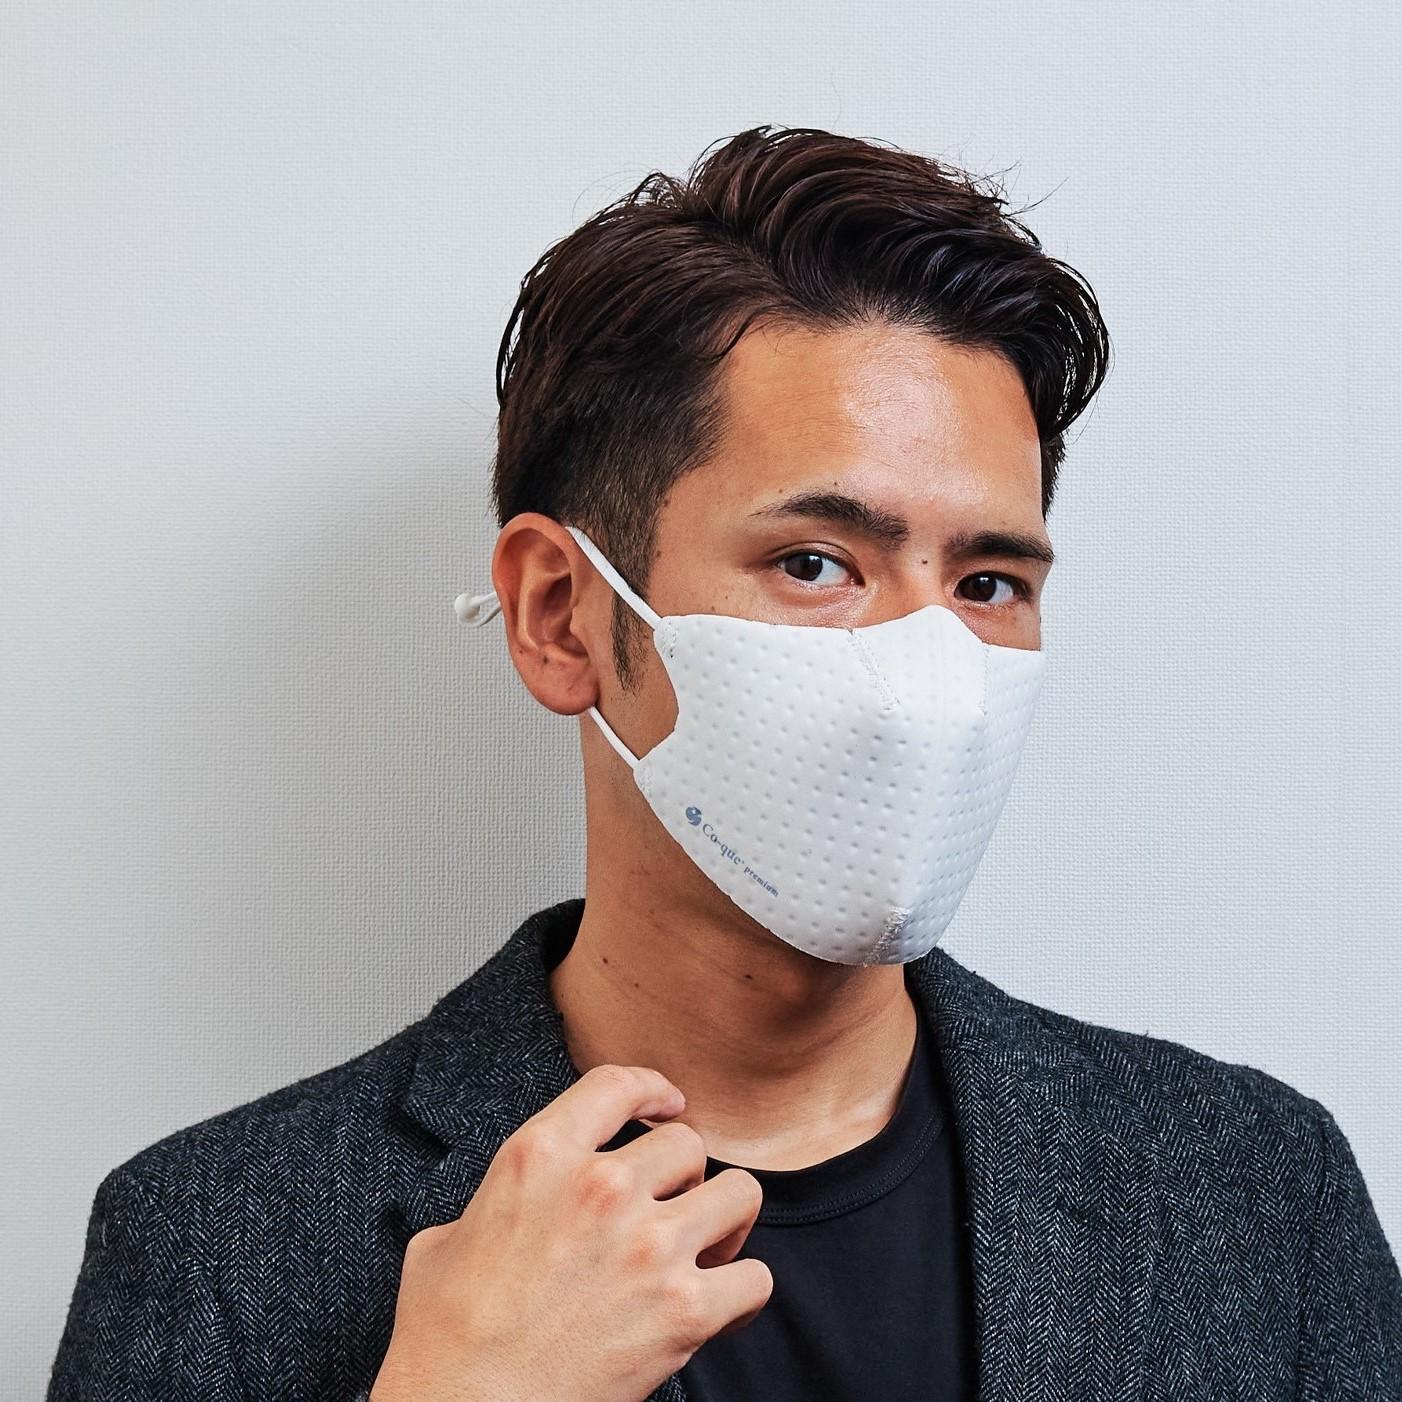 【単色購入】呼吸 Co-que プレミアム ホワイト Lサイズ